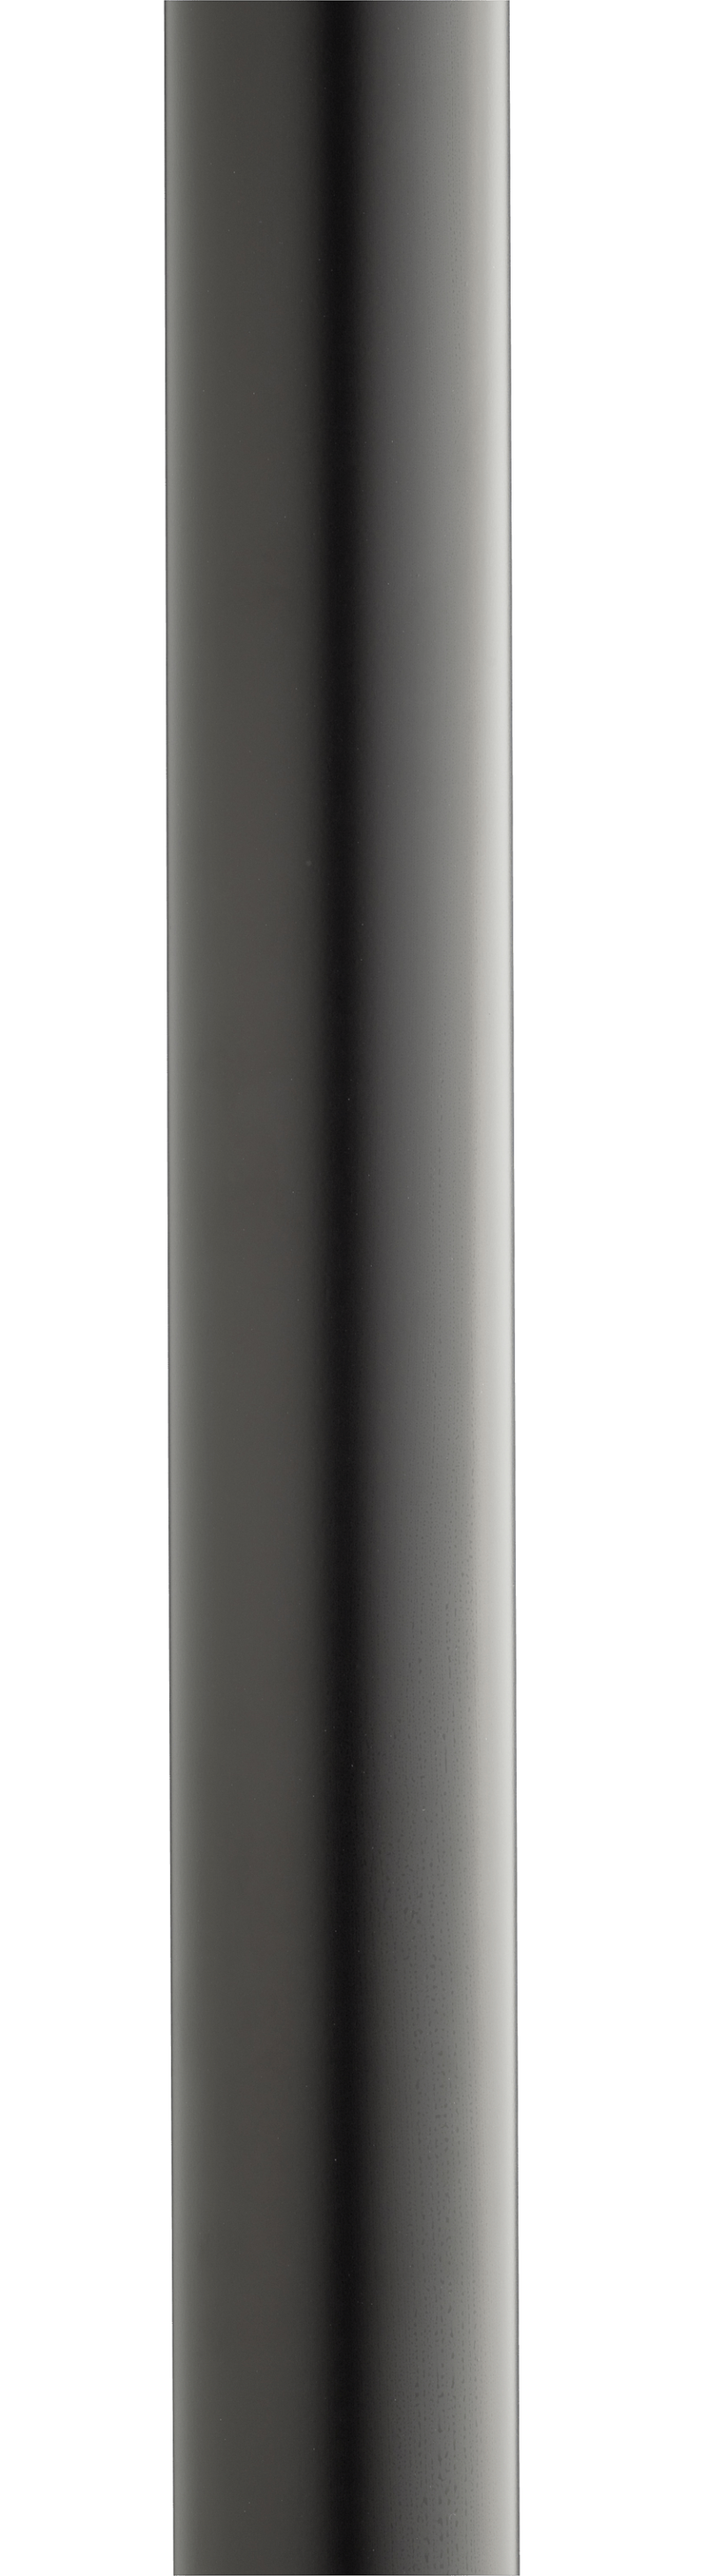 KIC-9501BK